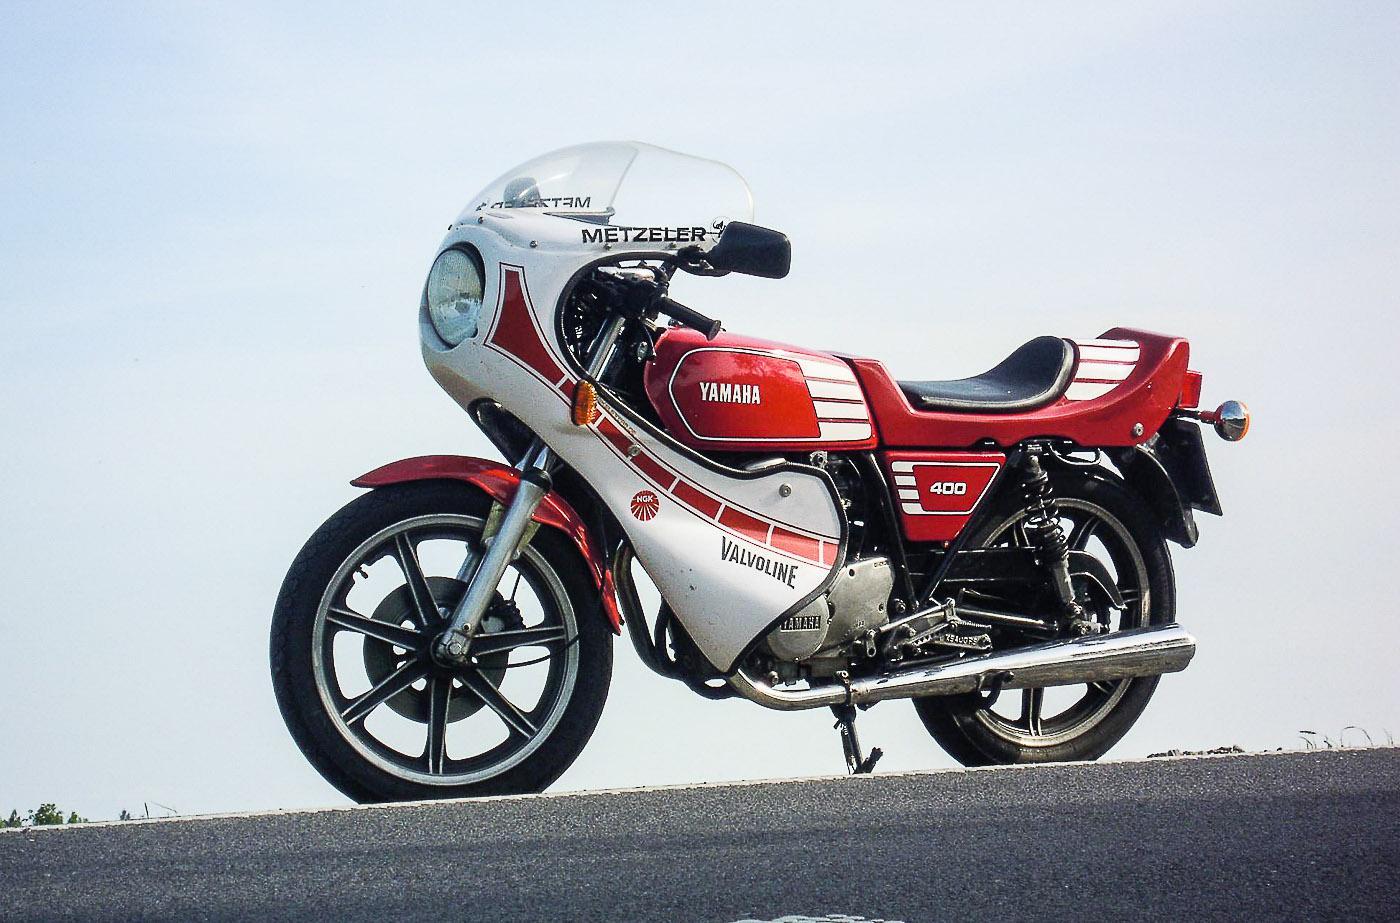 YAMAHA XS 400 CUP (1978 - 1982)